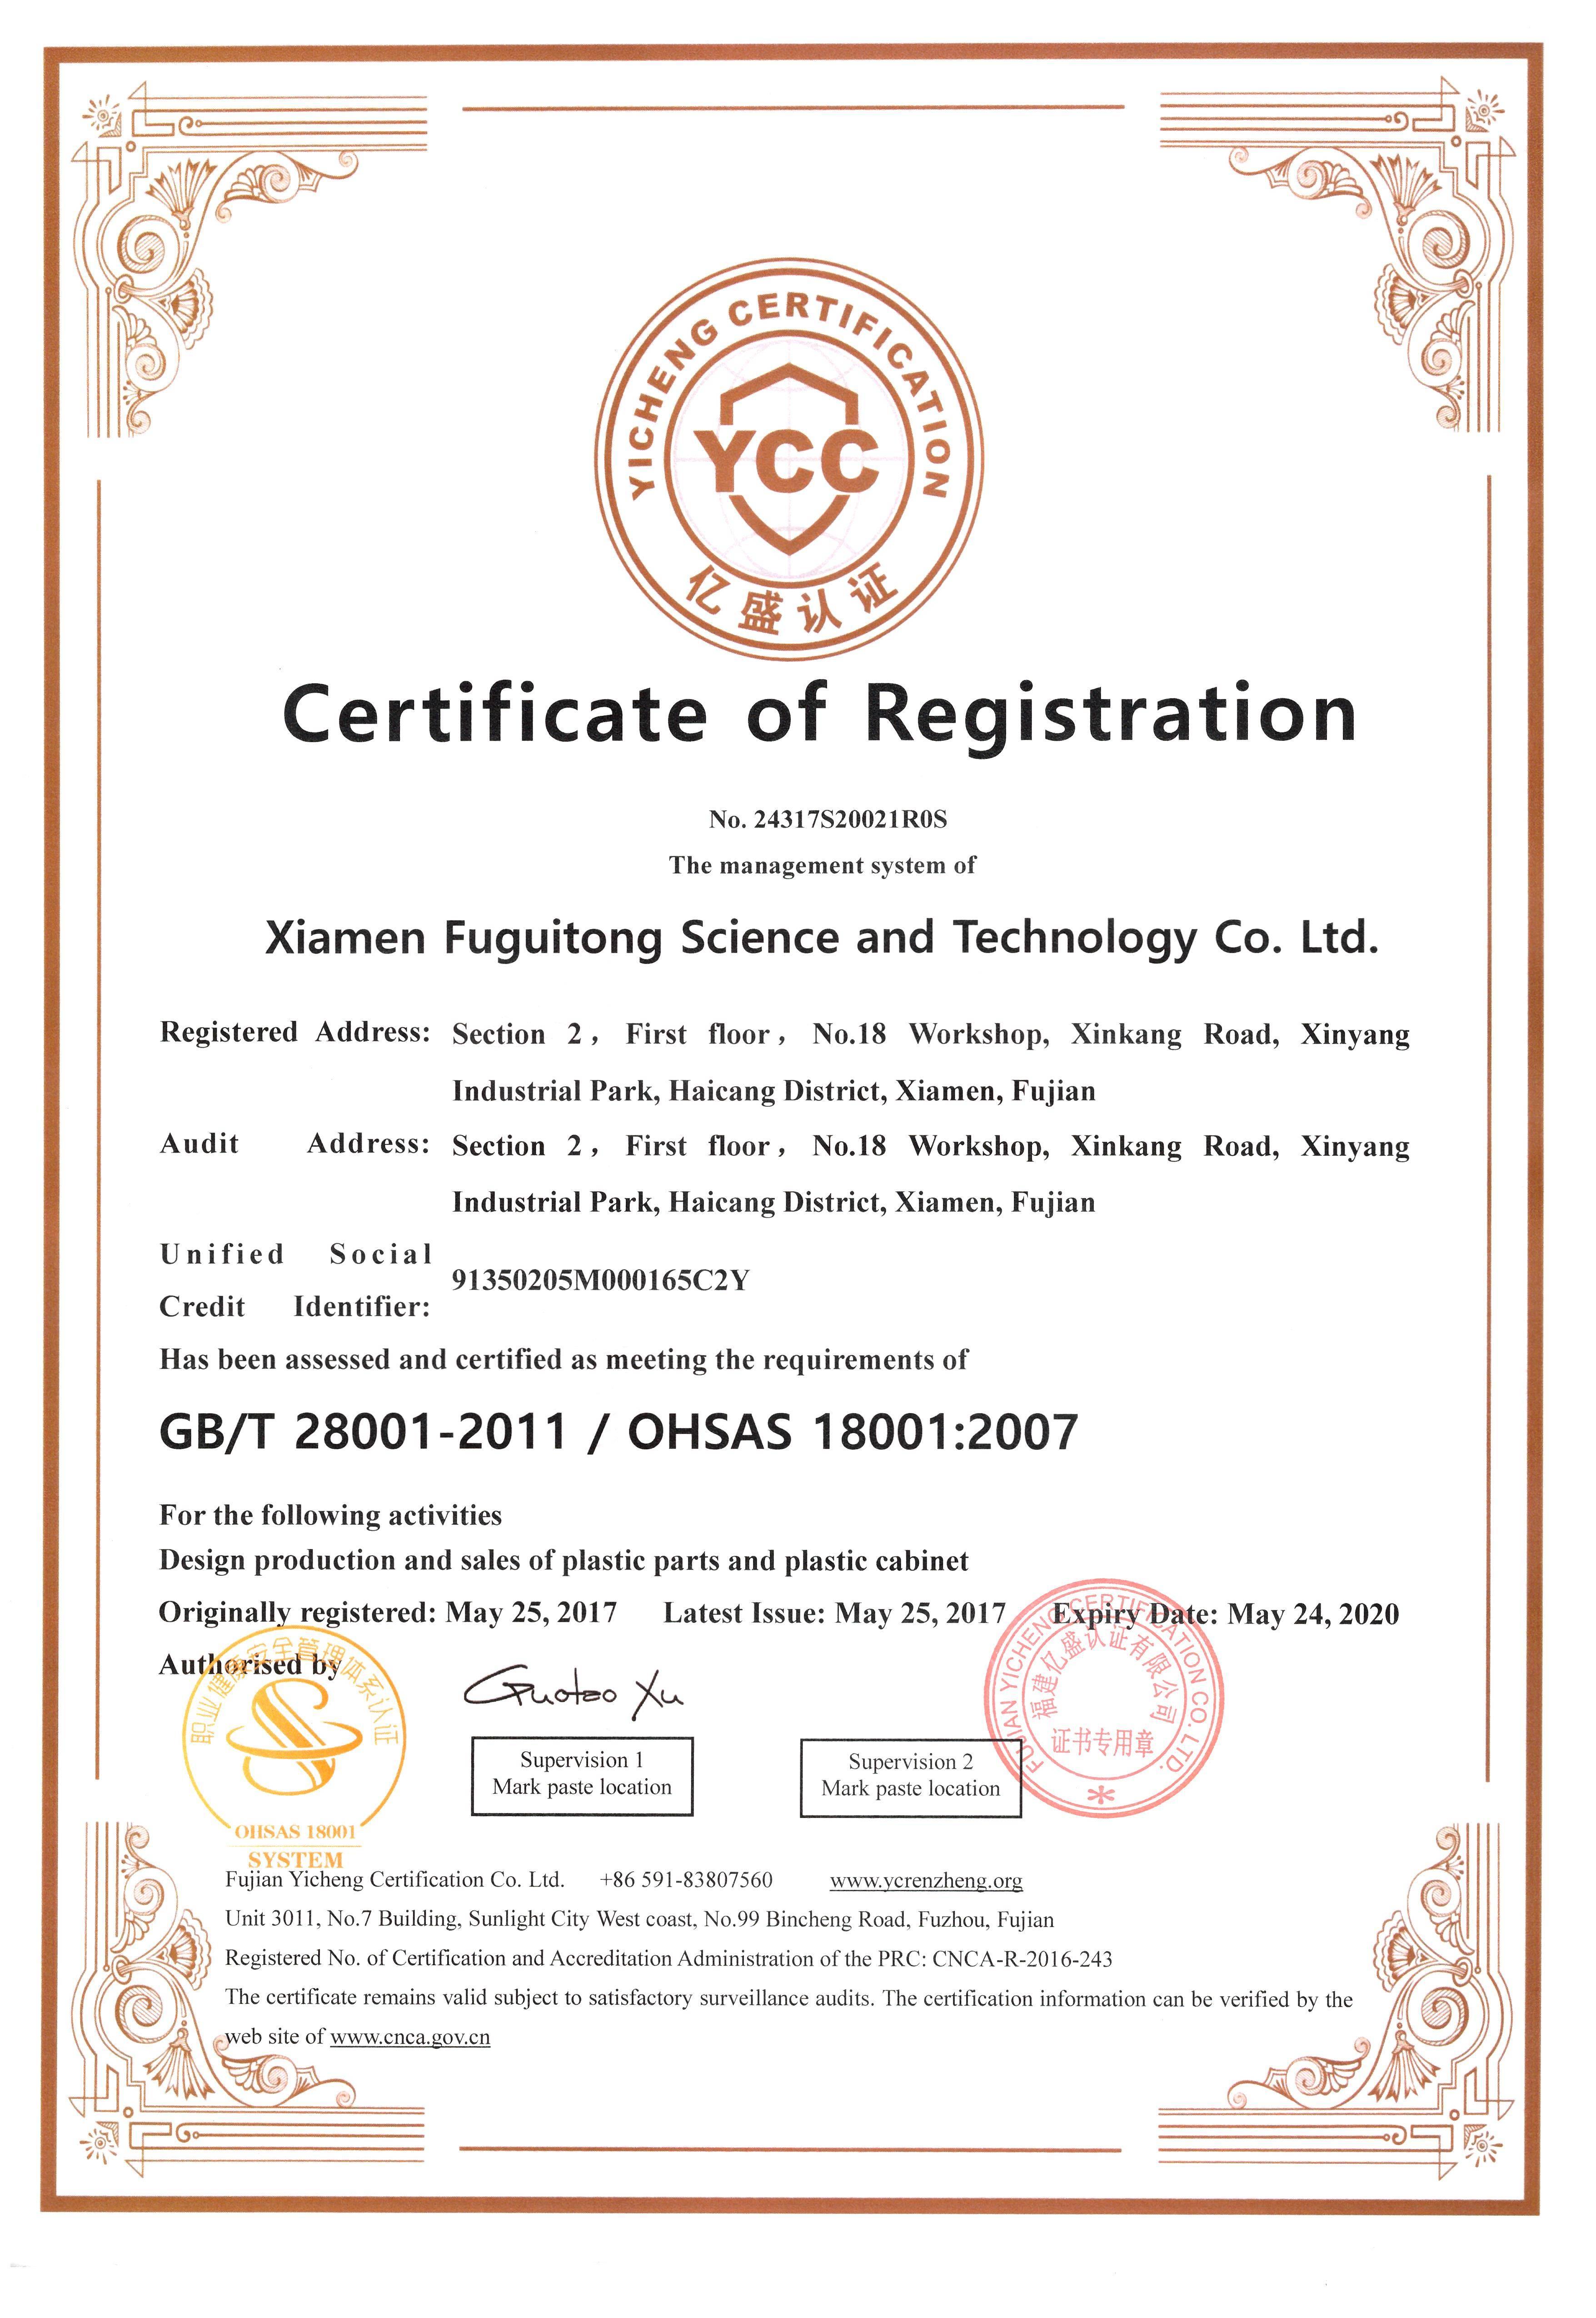 富桂通科技荣获艺盛认证